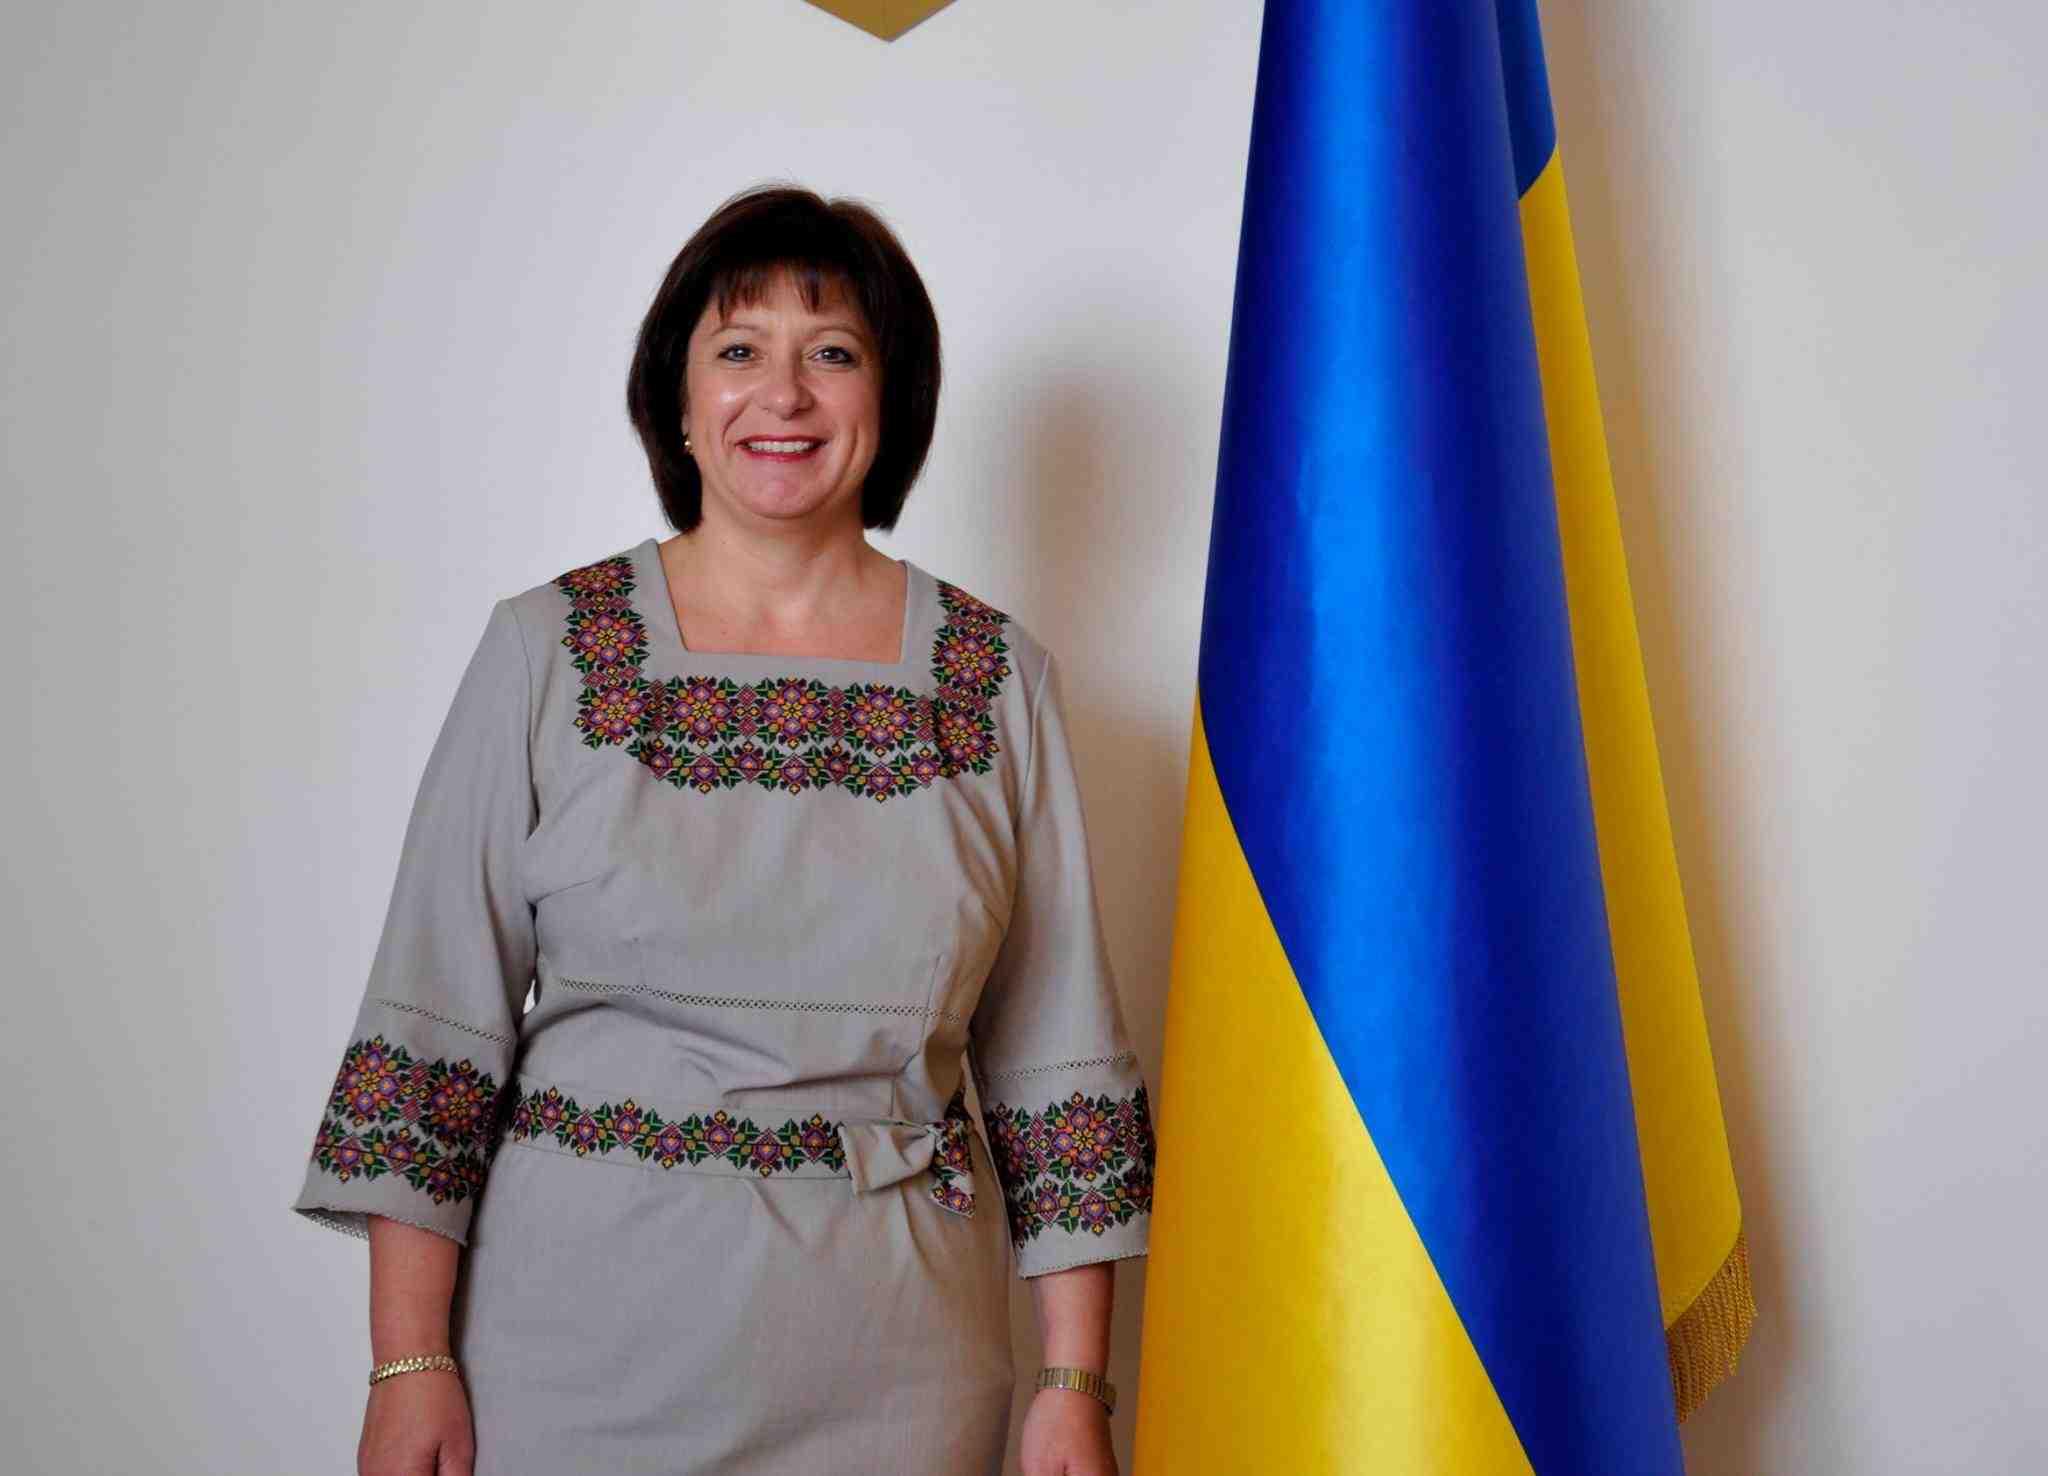 Экс-министр финансов Украины Наталья Яресько займется развалом экономики Пуэрто-Рико